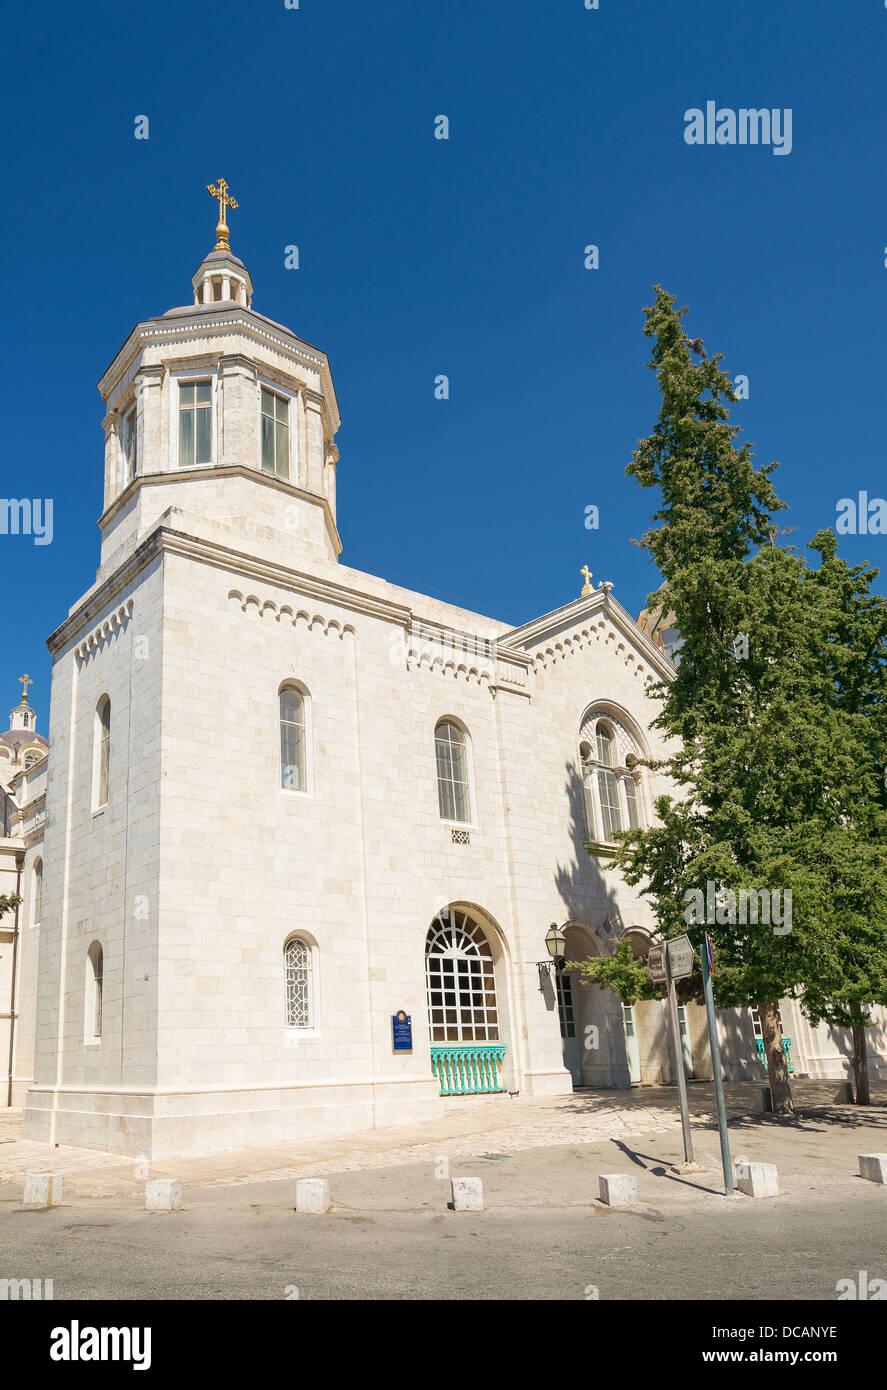 Chiesa russa in Gerusalemme città vecchia Israele Immagini Stock